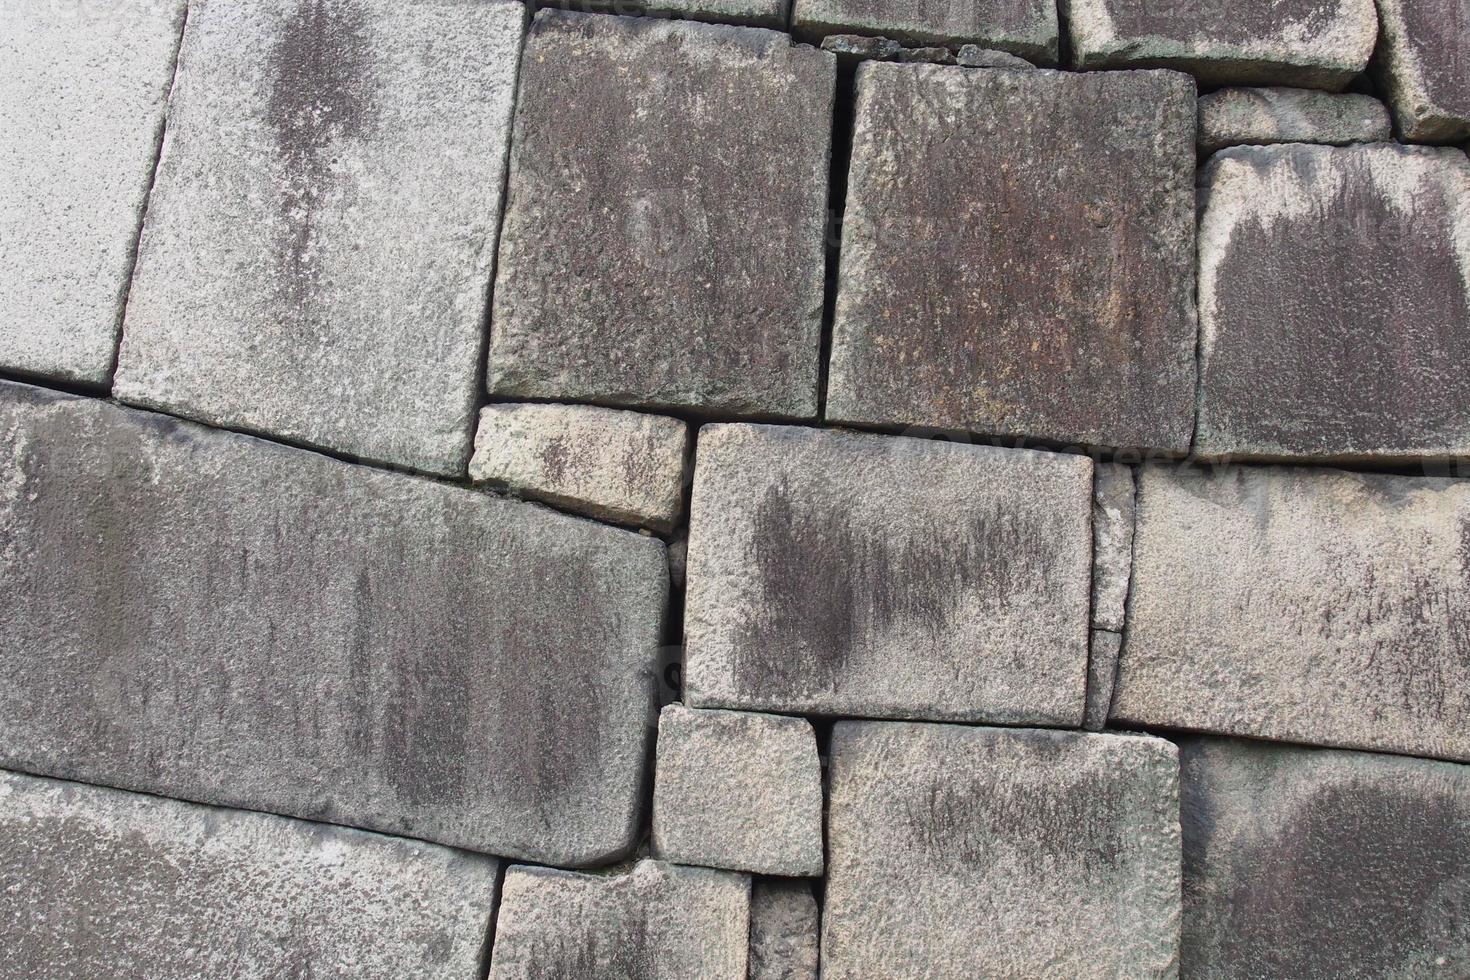 steinerne Burgmauer foto